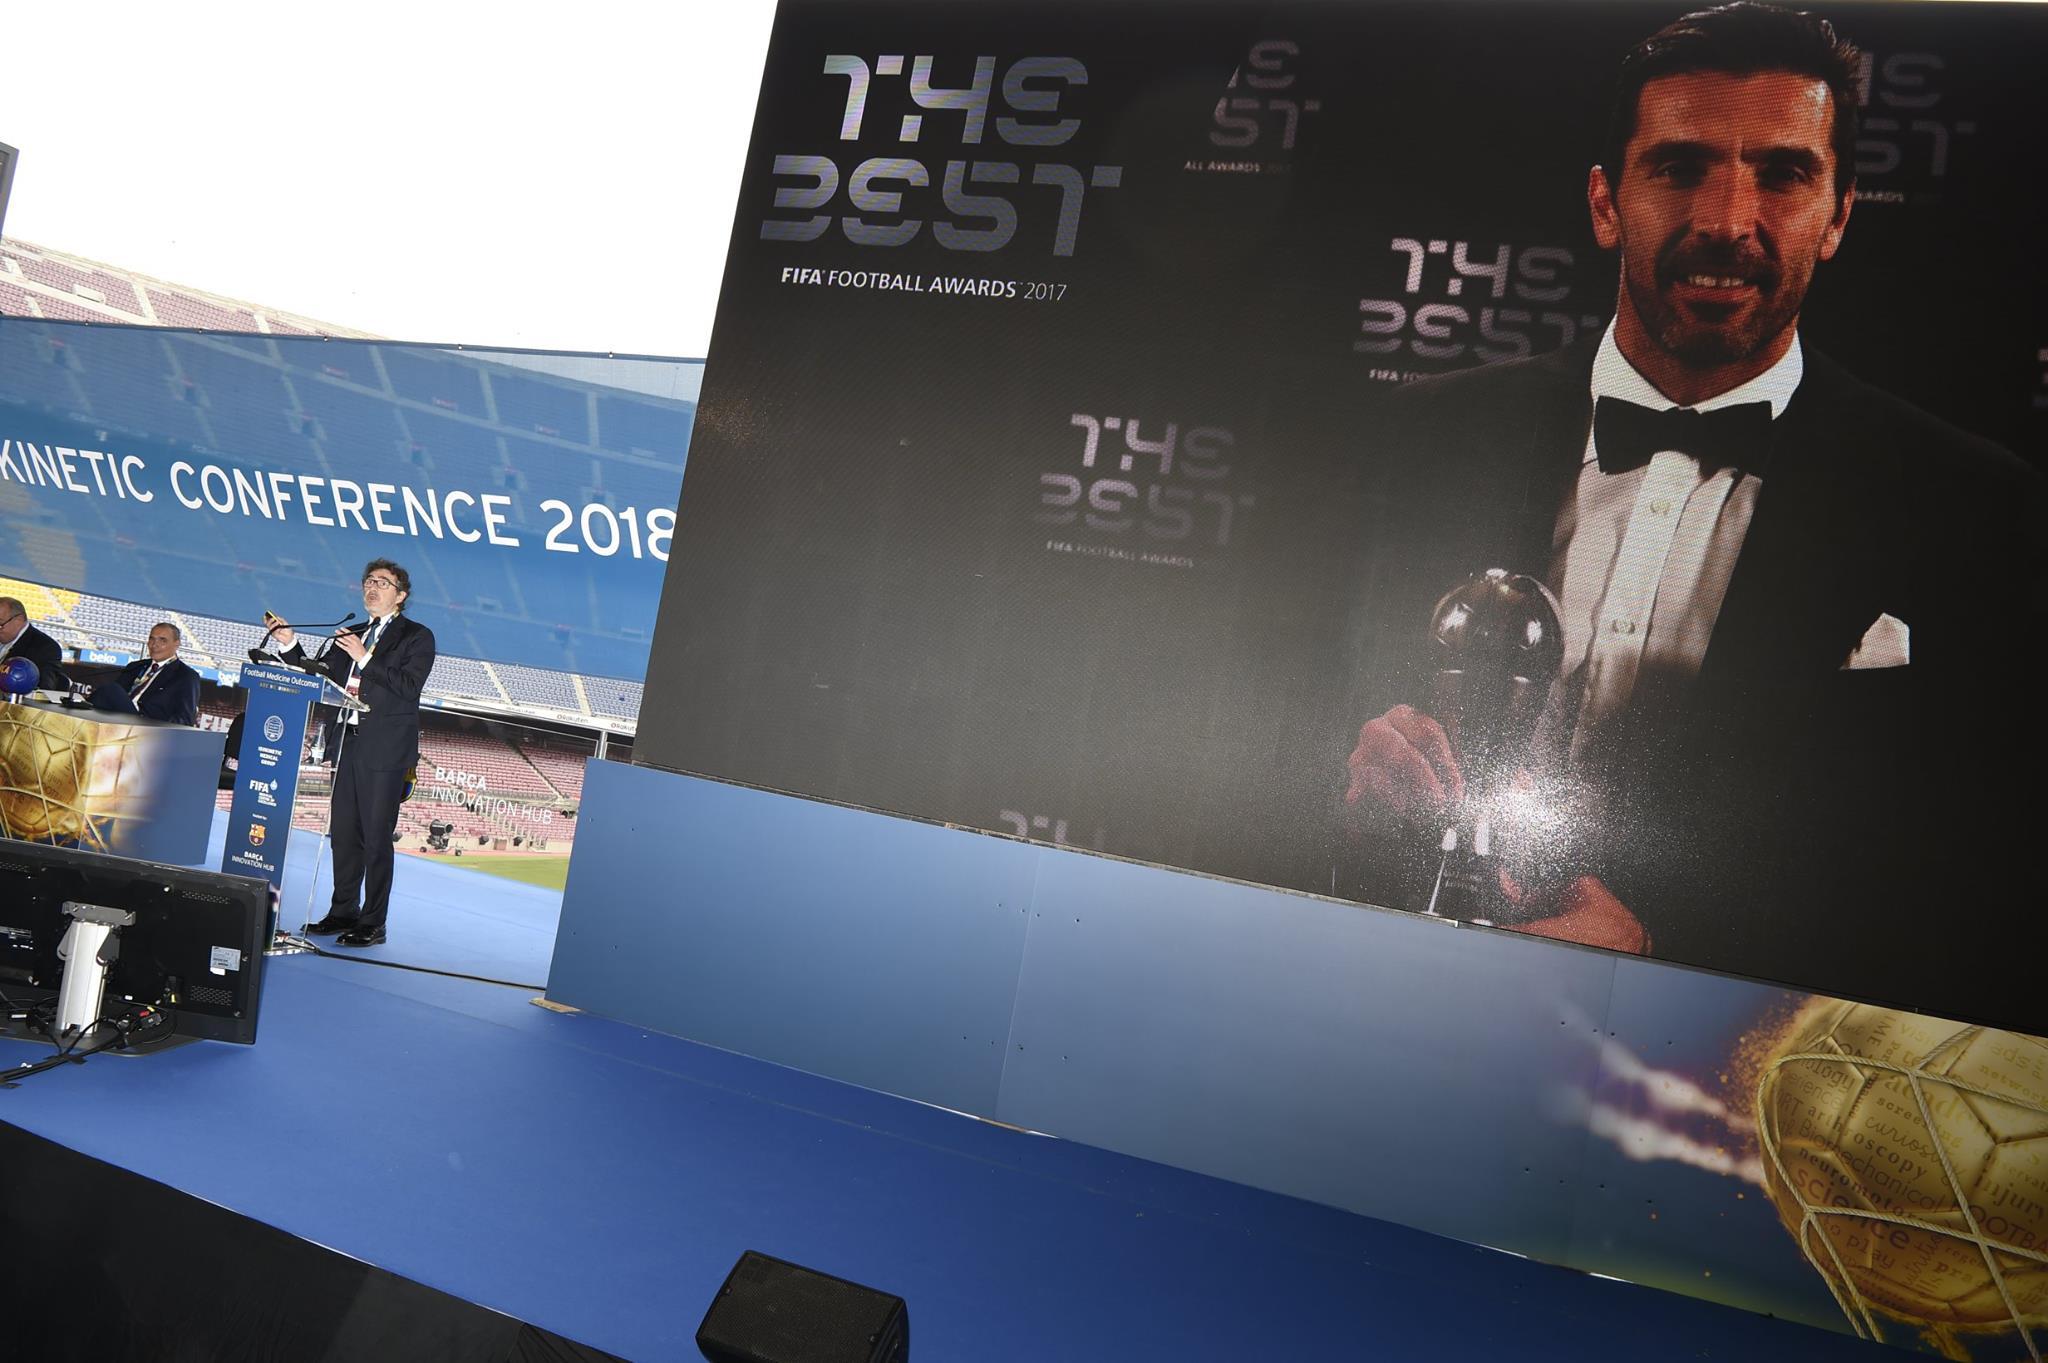 Corriere dello Sport – La storia sportiva e medica di Gigi Buffon presentata al Camp Nou